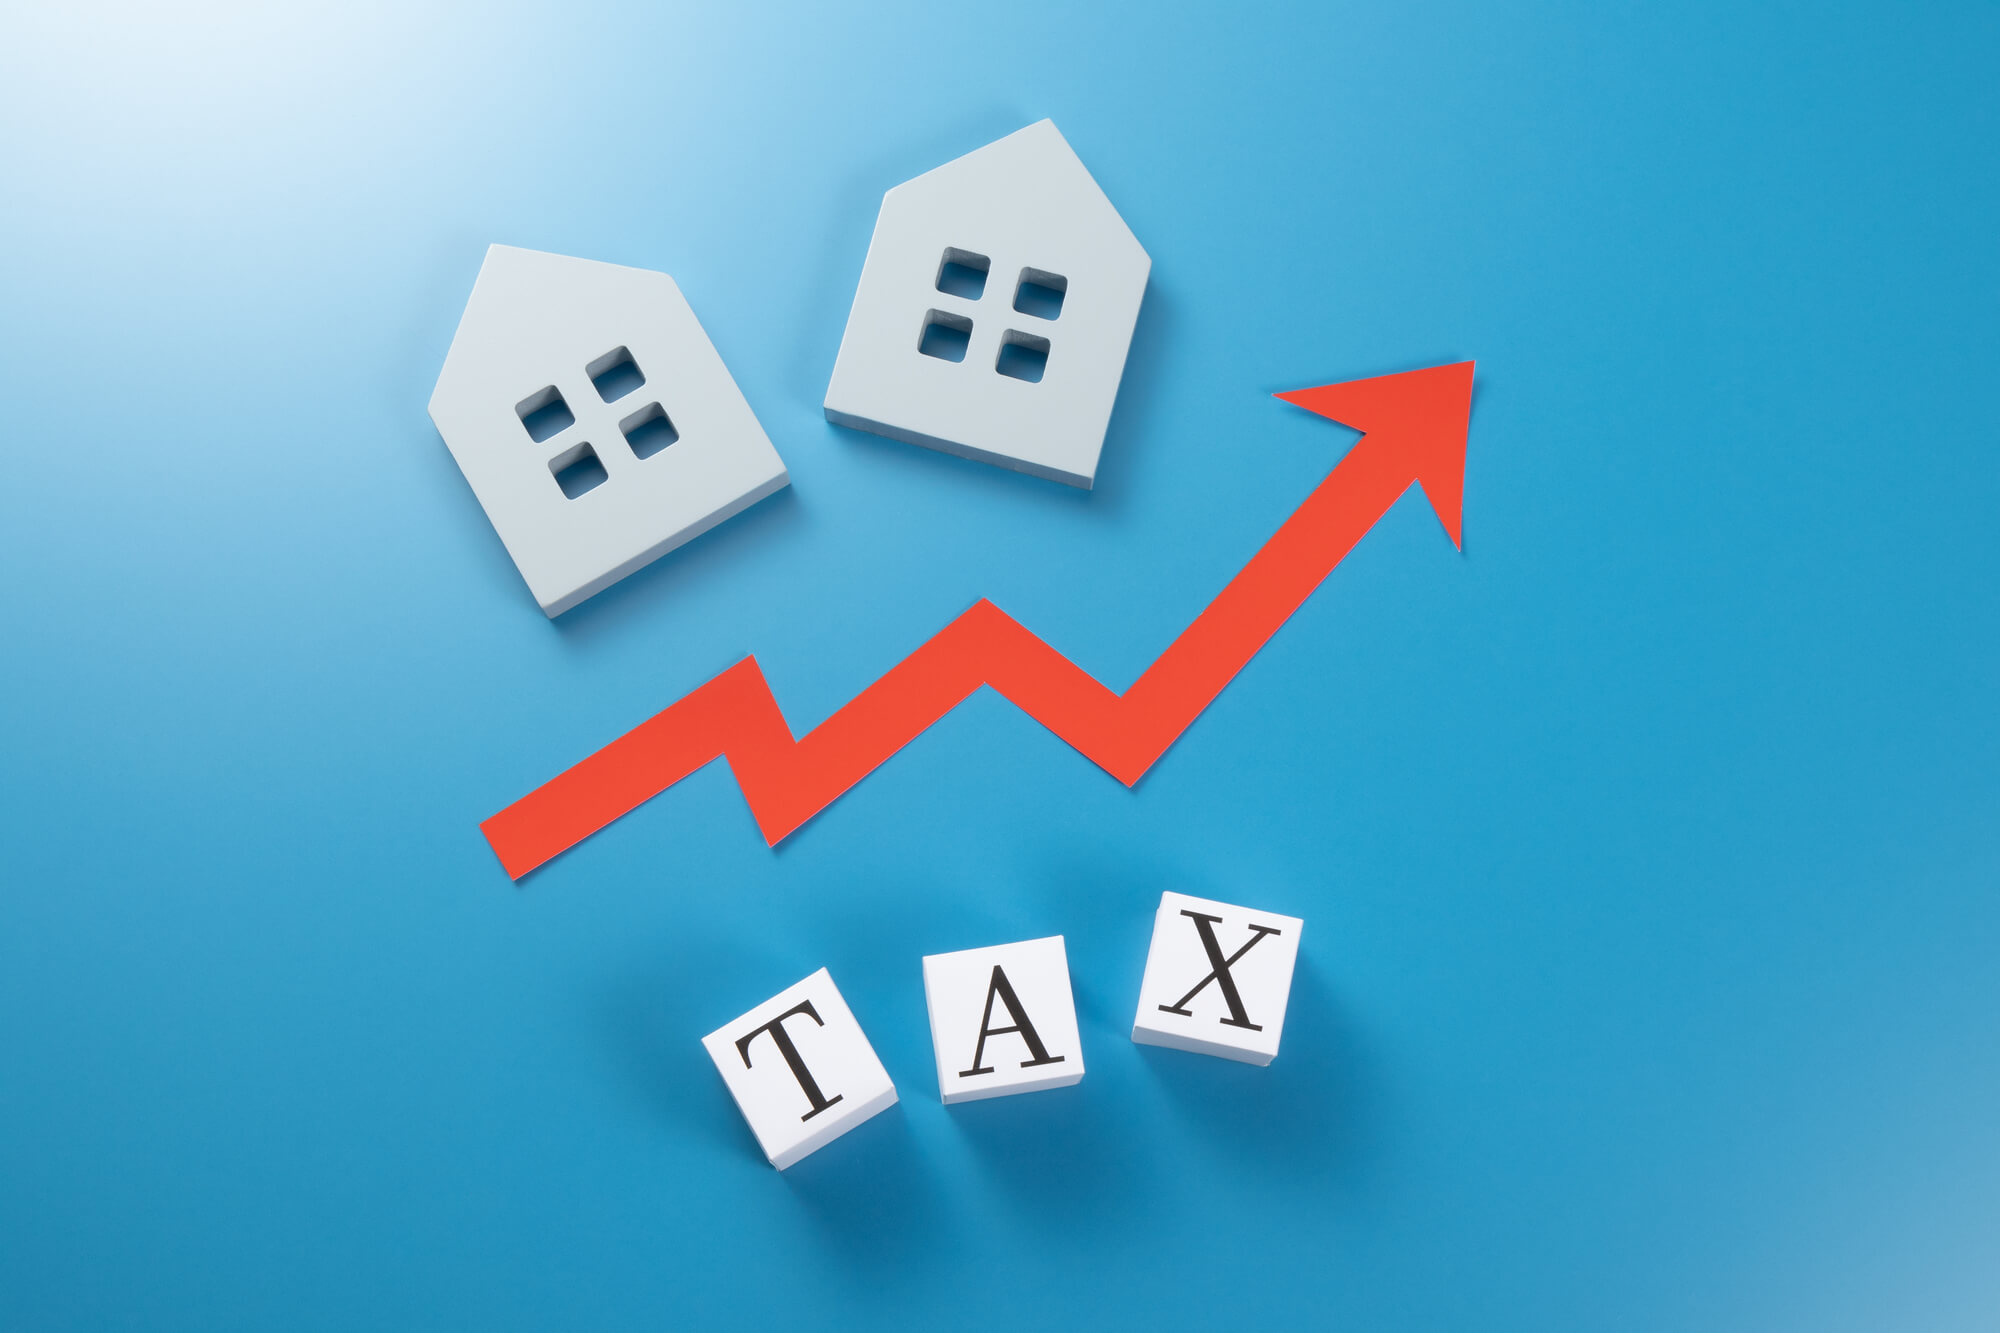 投資にかかる税金を抑える方法「配当控除」「NISA」「iDeCo」